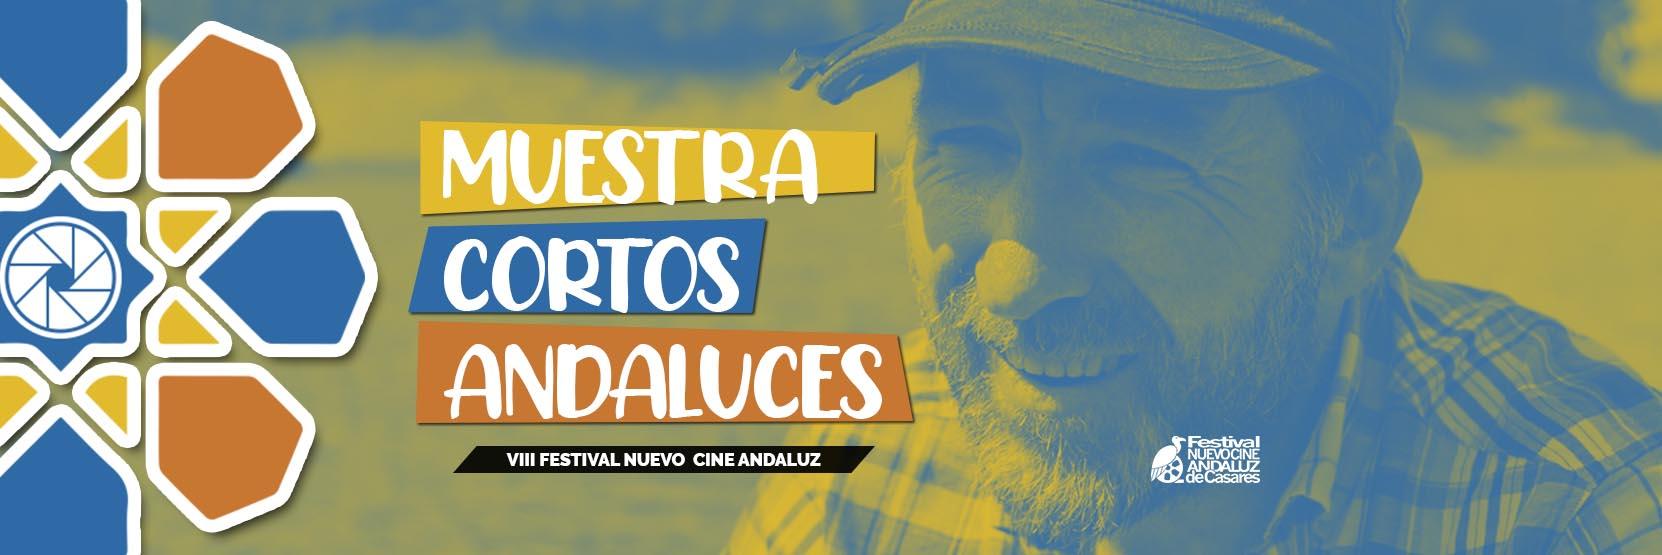 Muestra de Cortos Andaluces 2020